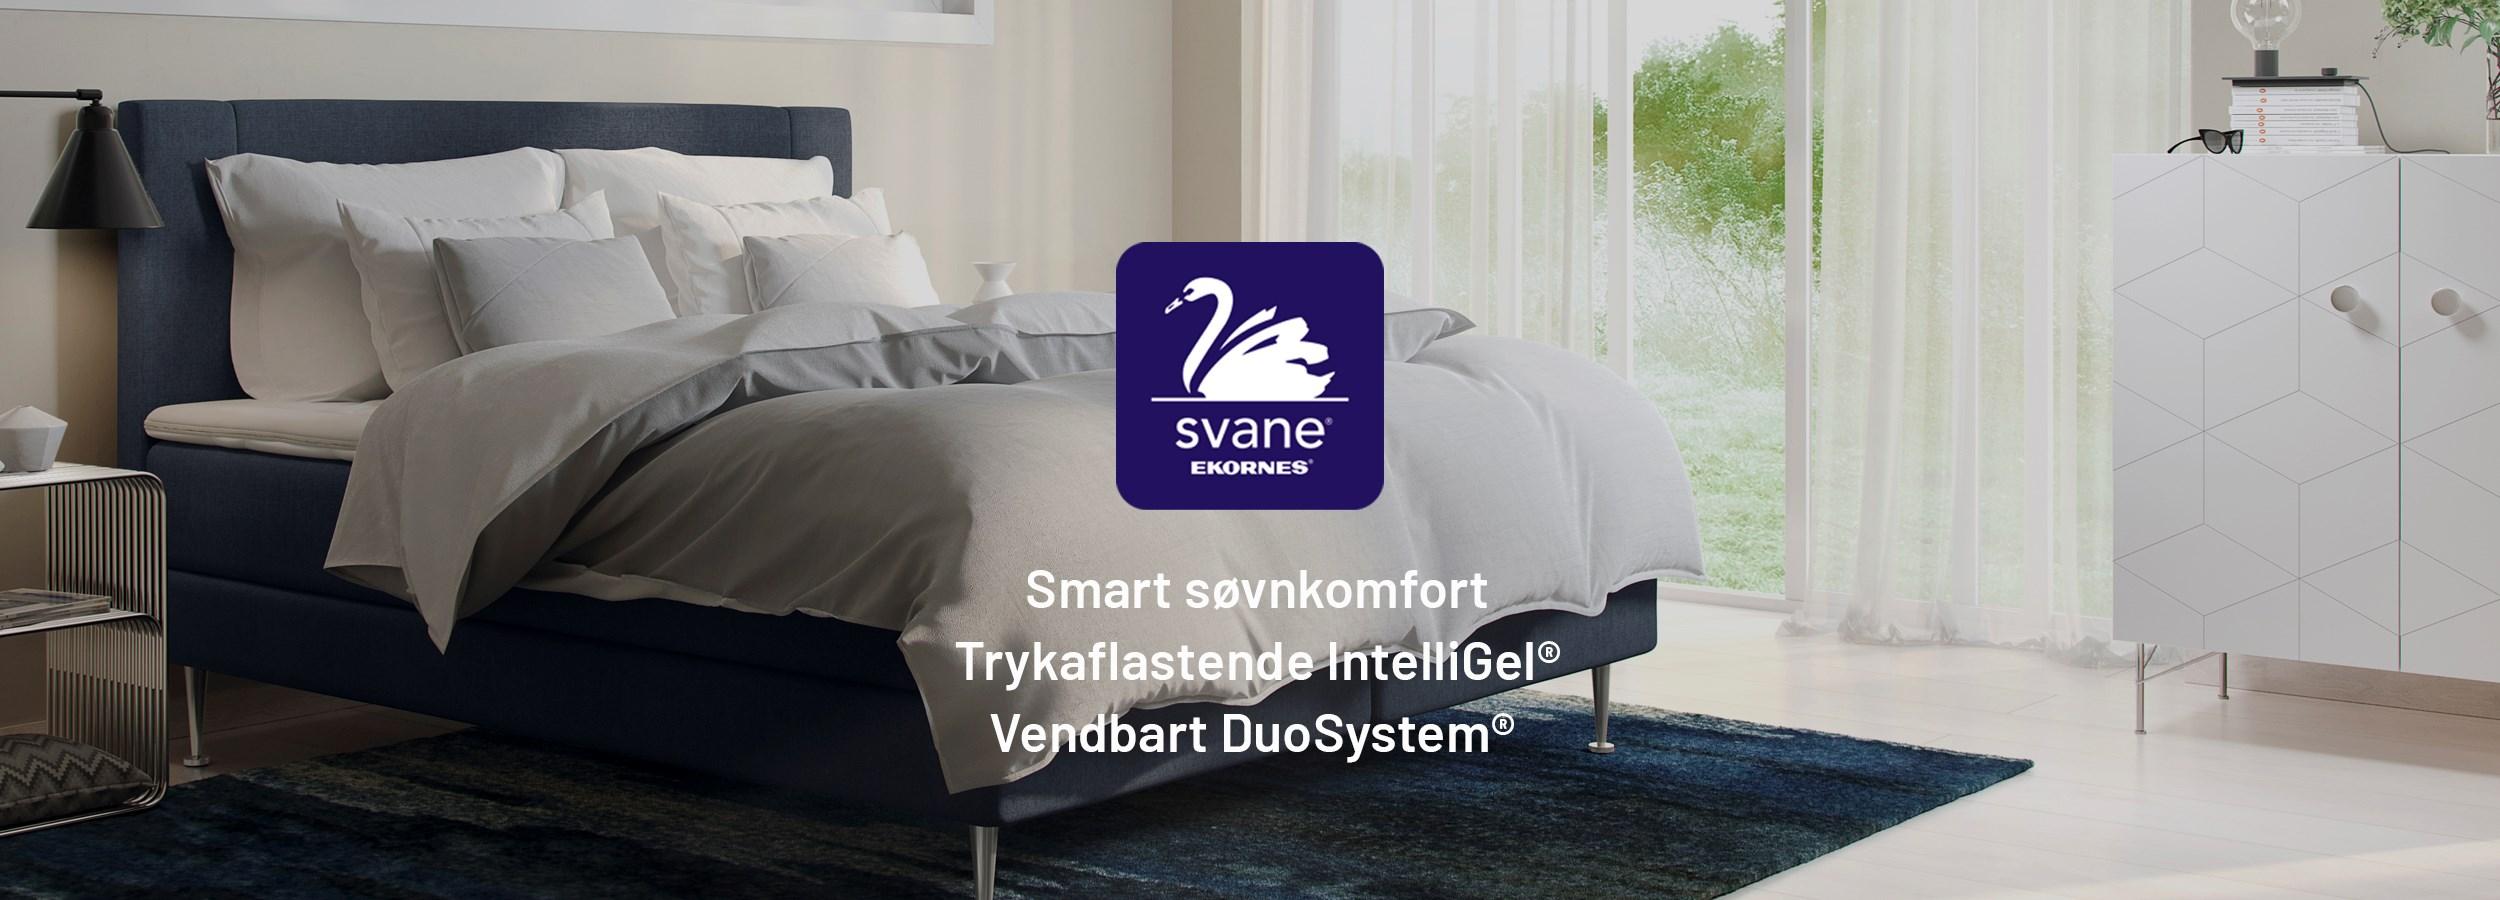 Ekstra Svane-senge | Find din nye Svane-seng her | Drømmeland QC-78